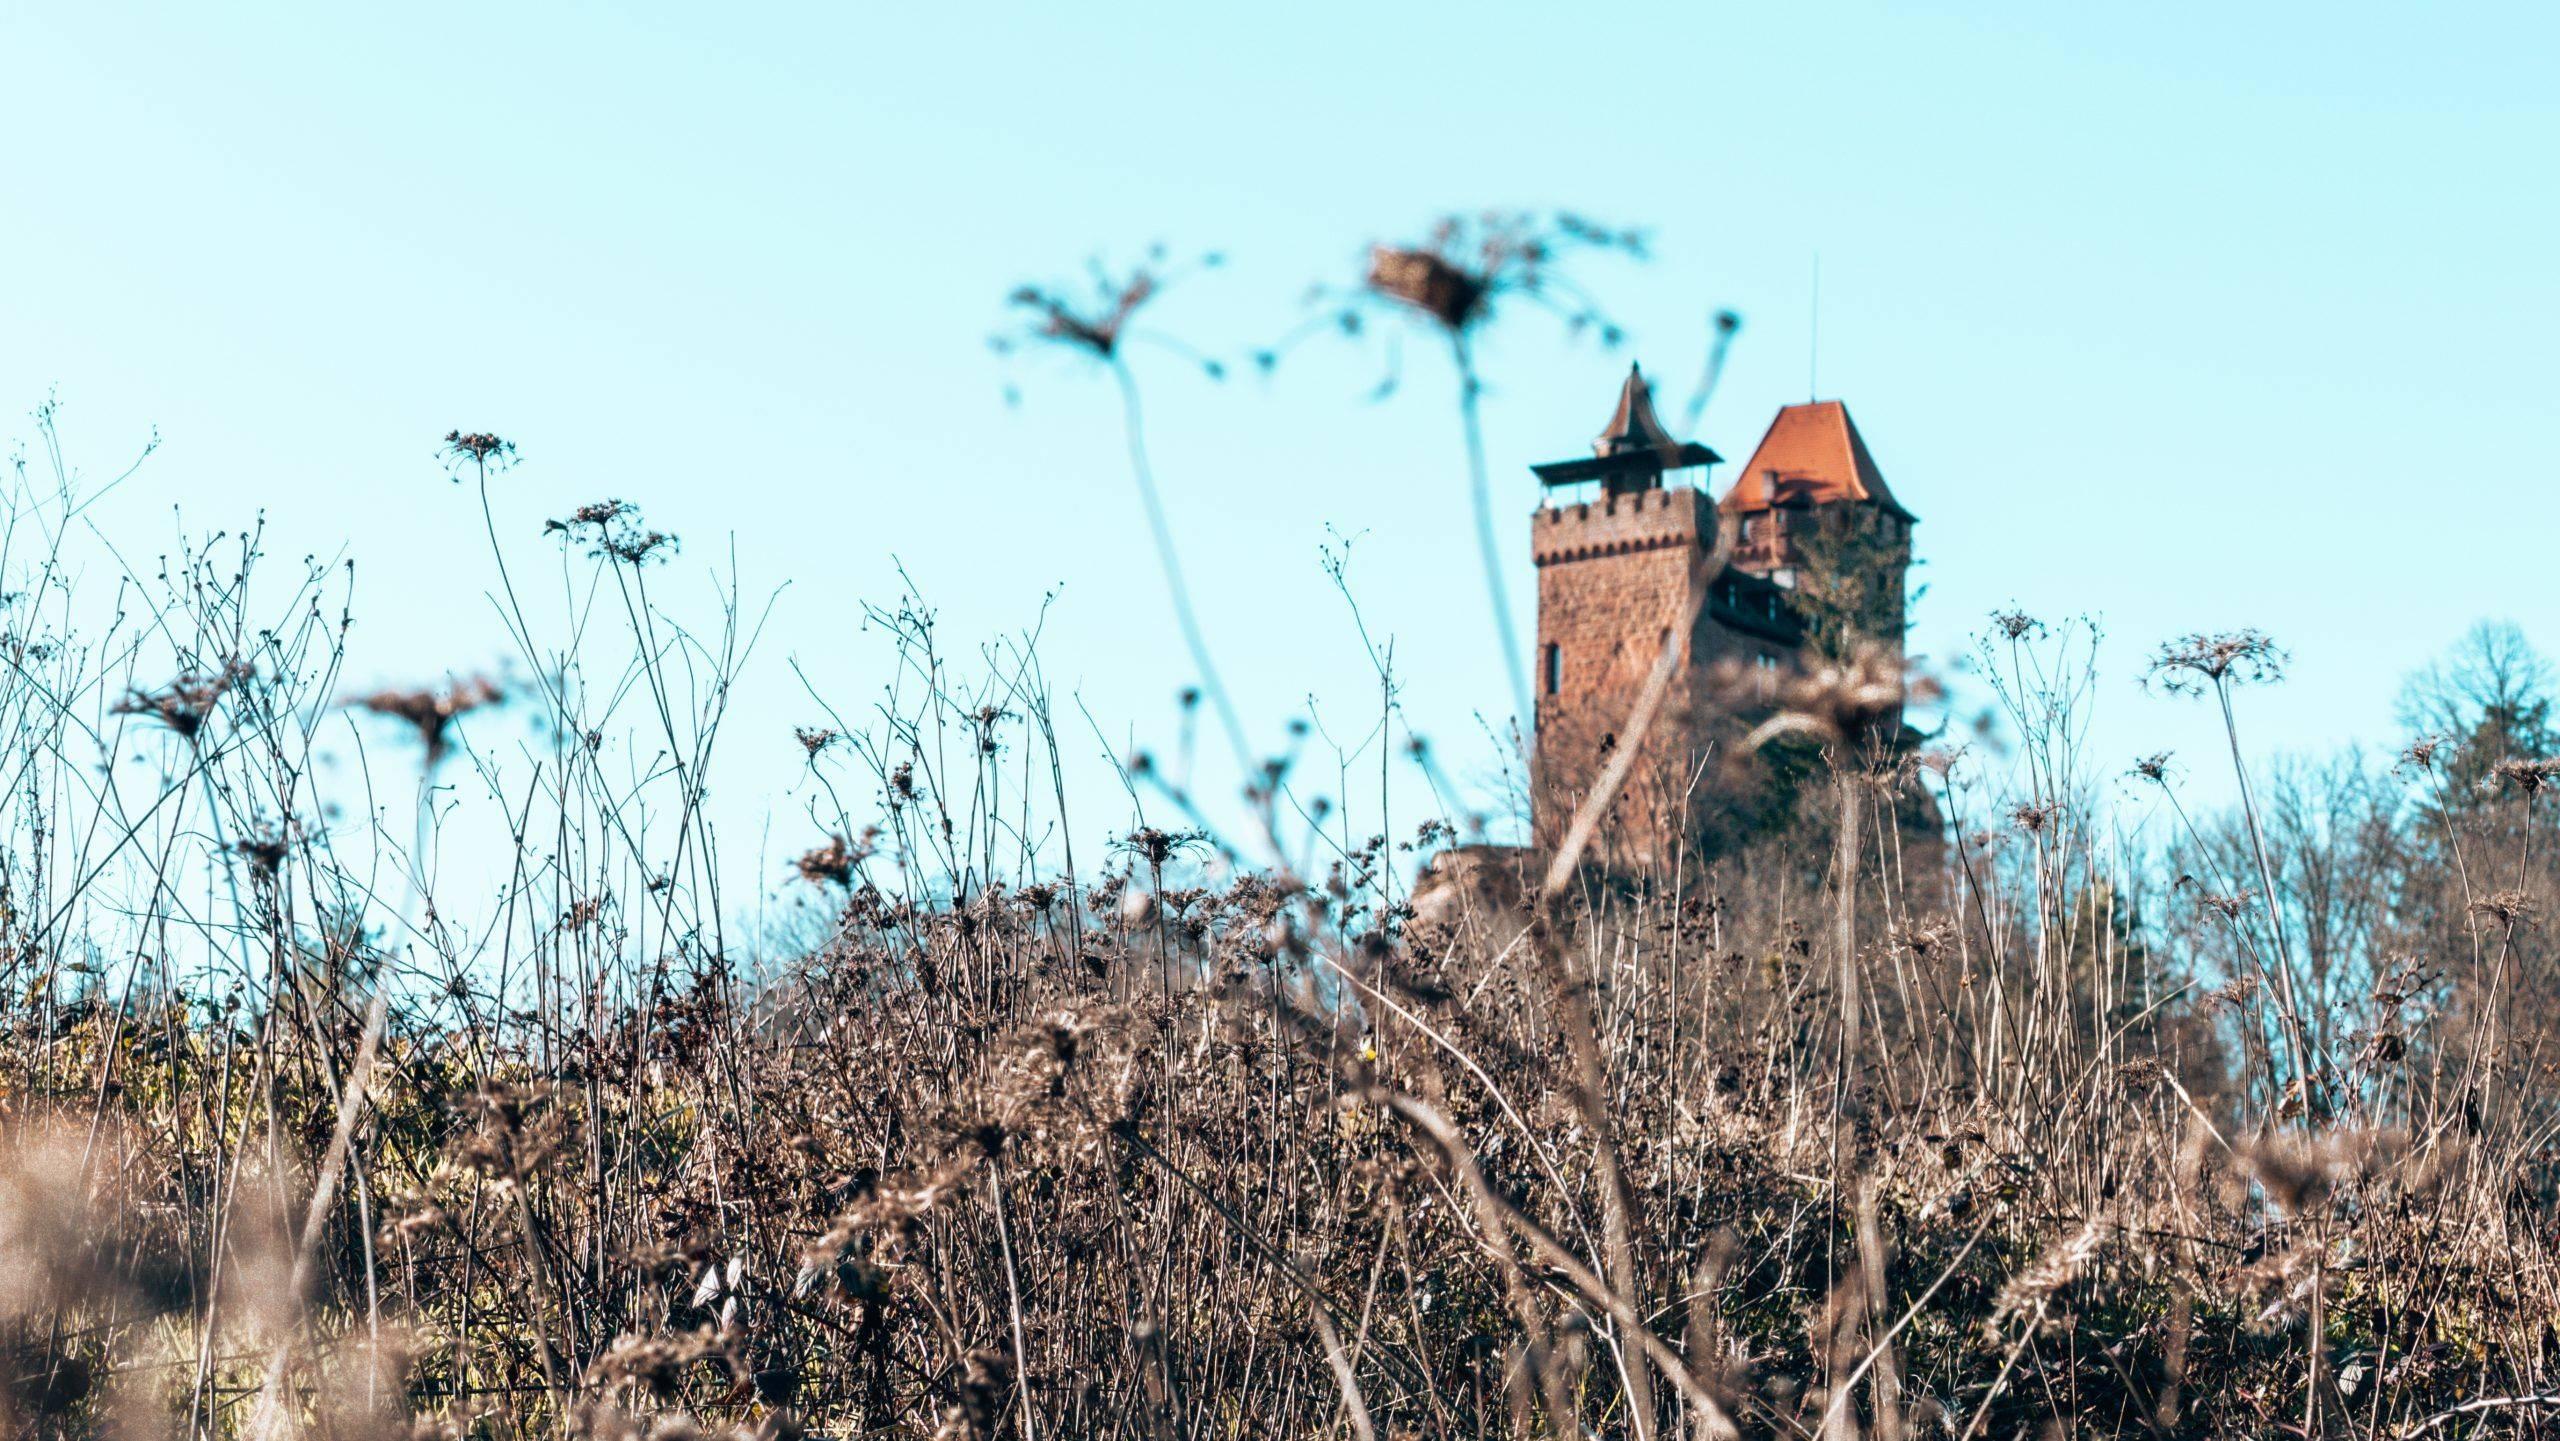 Wandern mit den Kindern um die Burg Berwartstein – ein echtes Wander- & Abenteuerparadies im Pfälzerwald